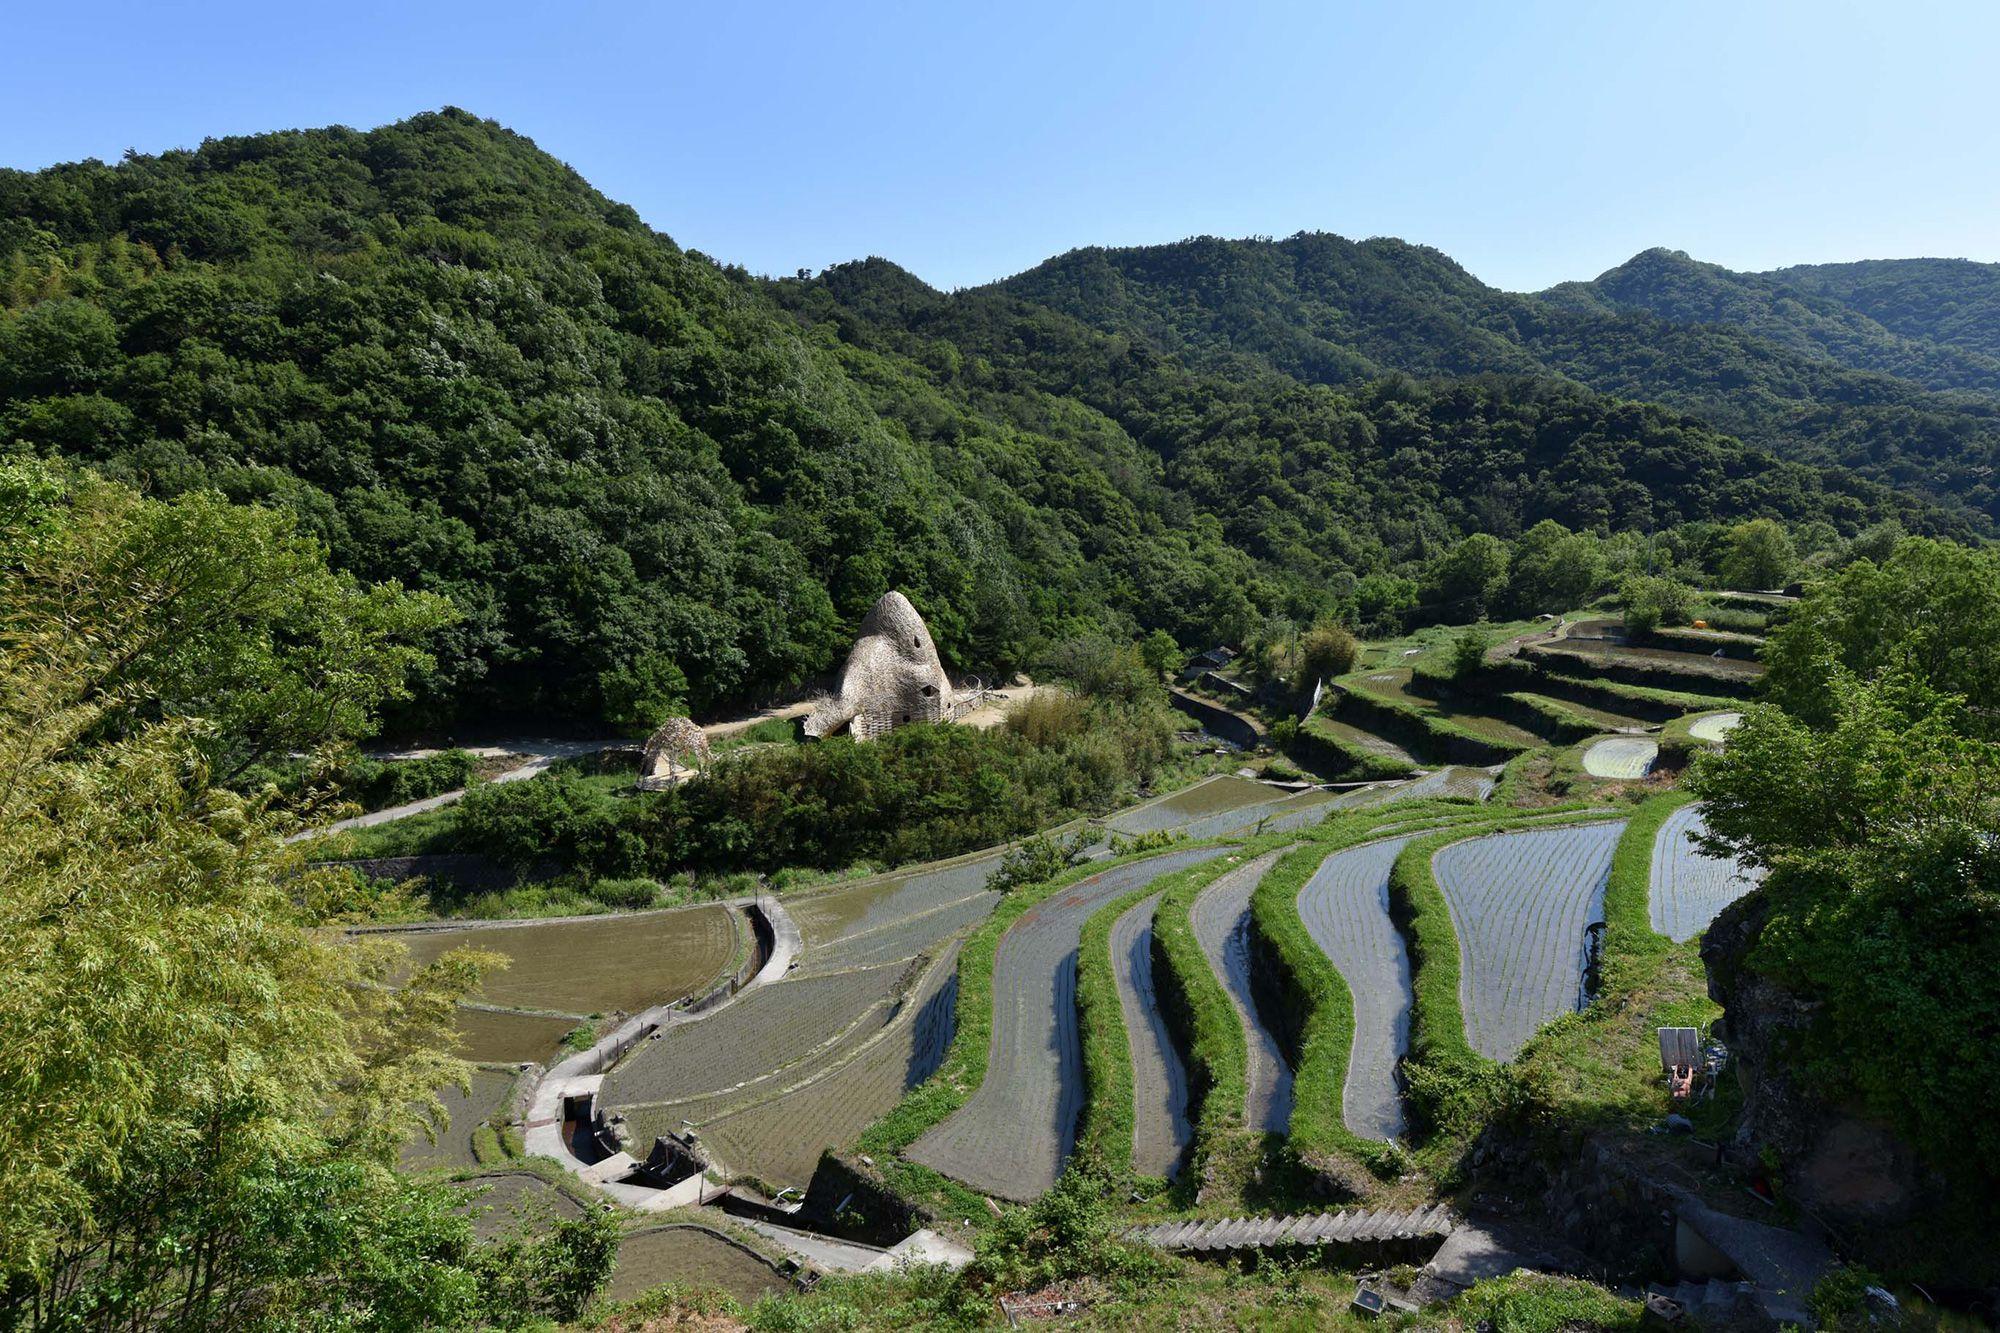 日本の棚田百選にも選ばれている中山千枚田(なかやませんまいだ)。